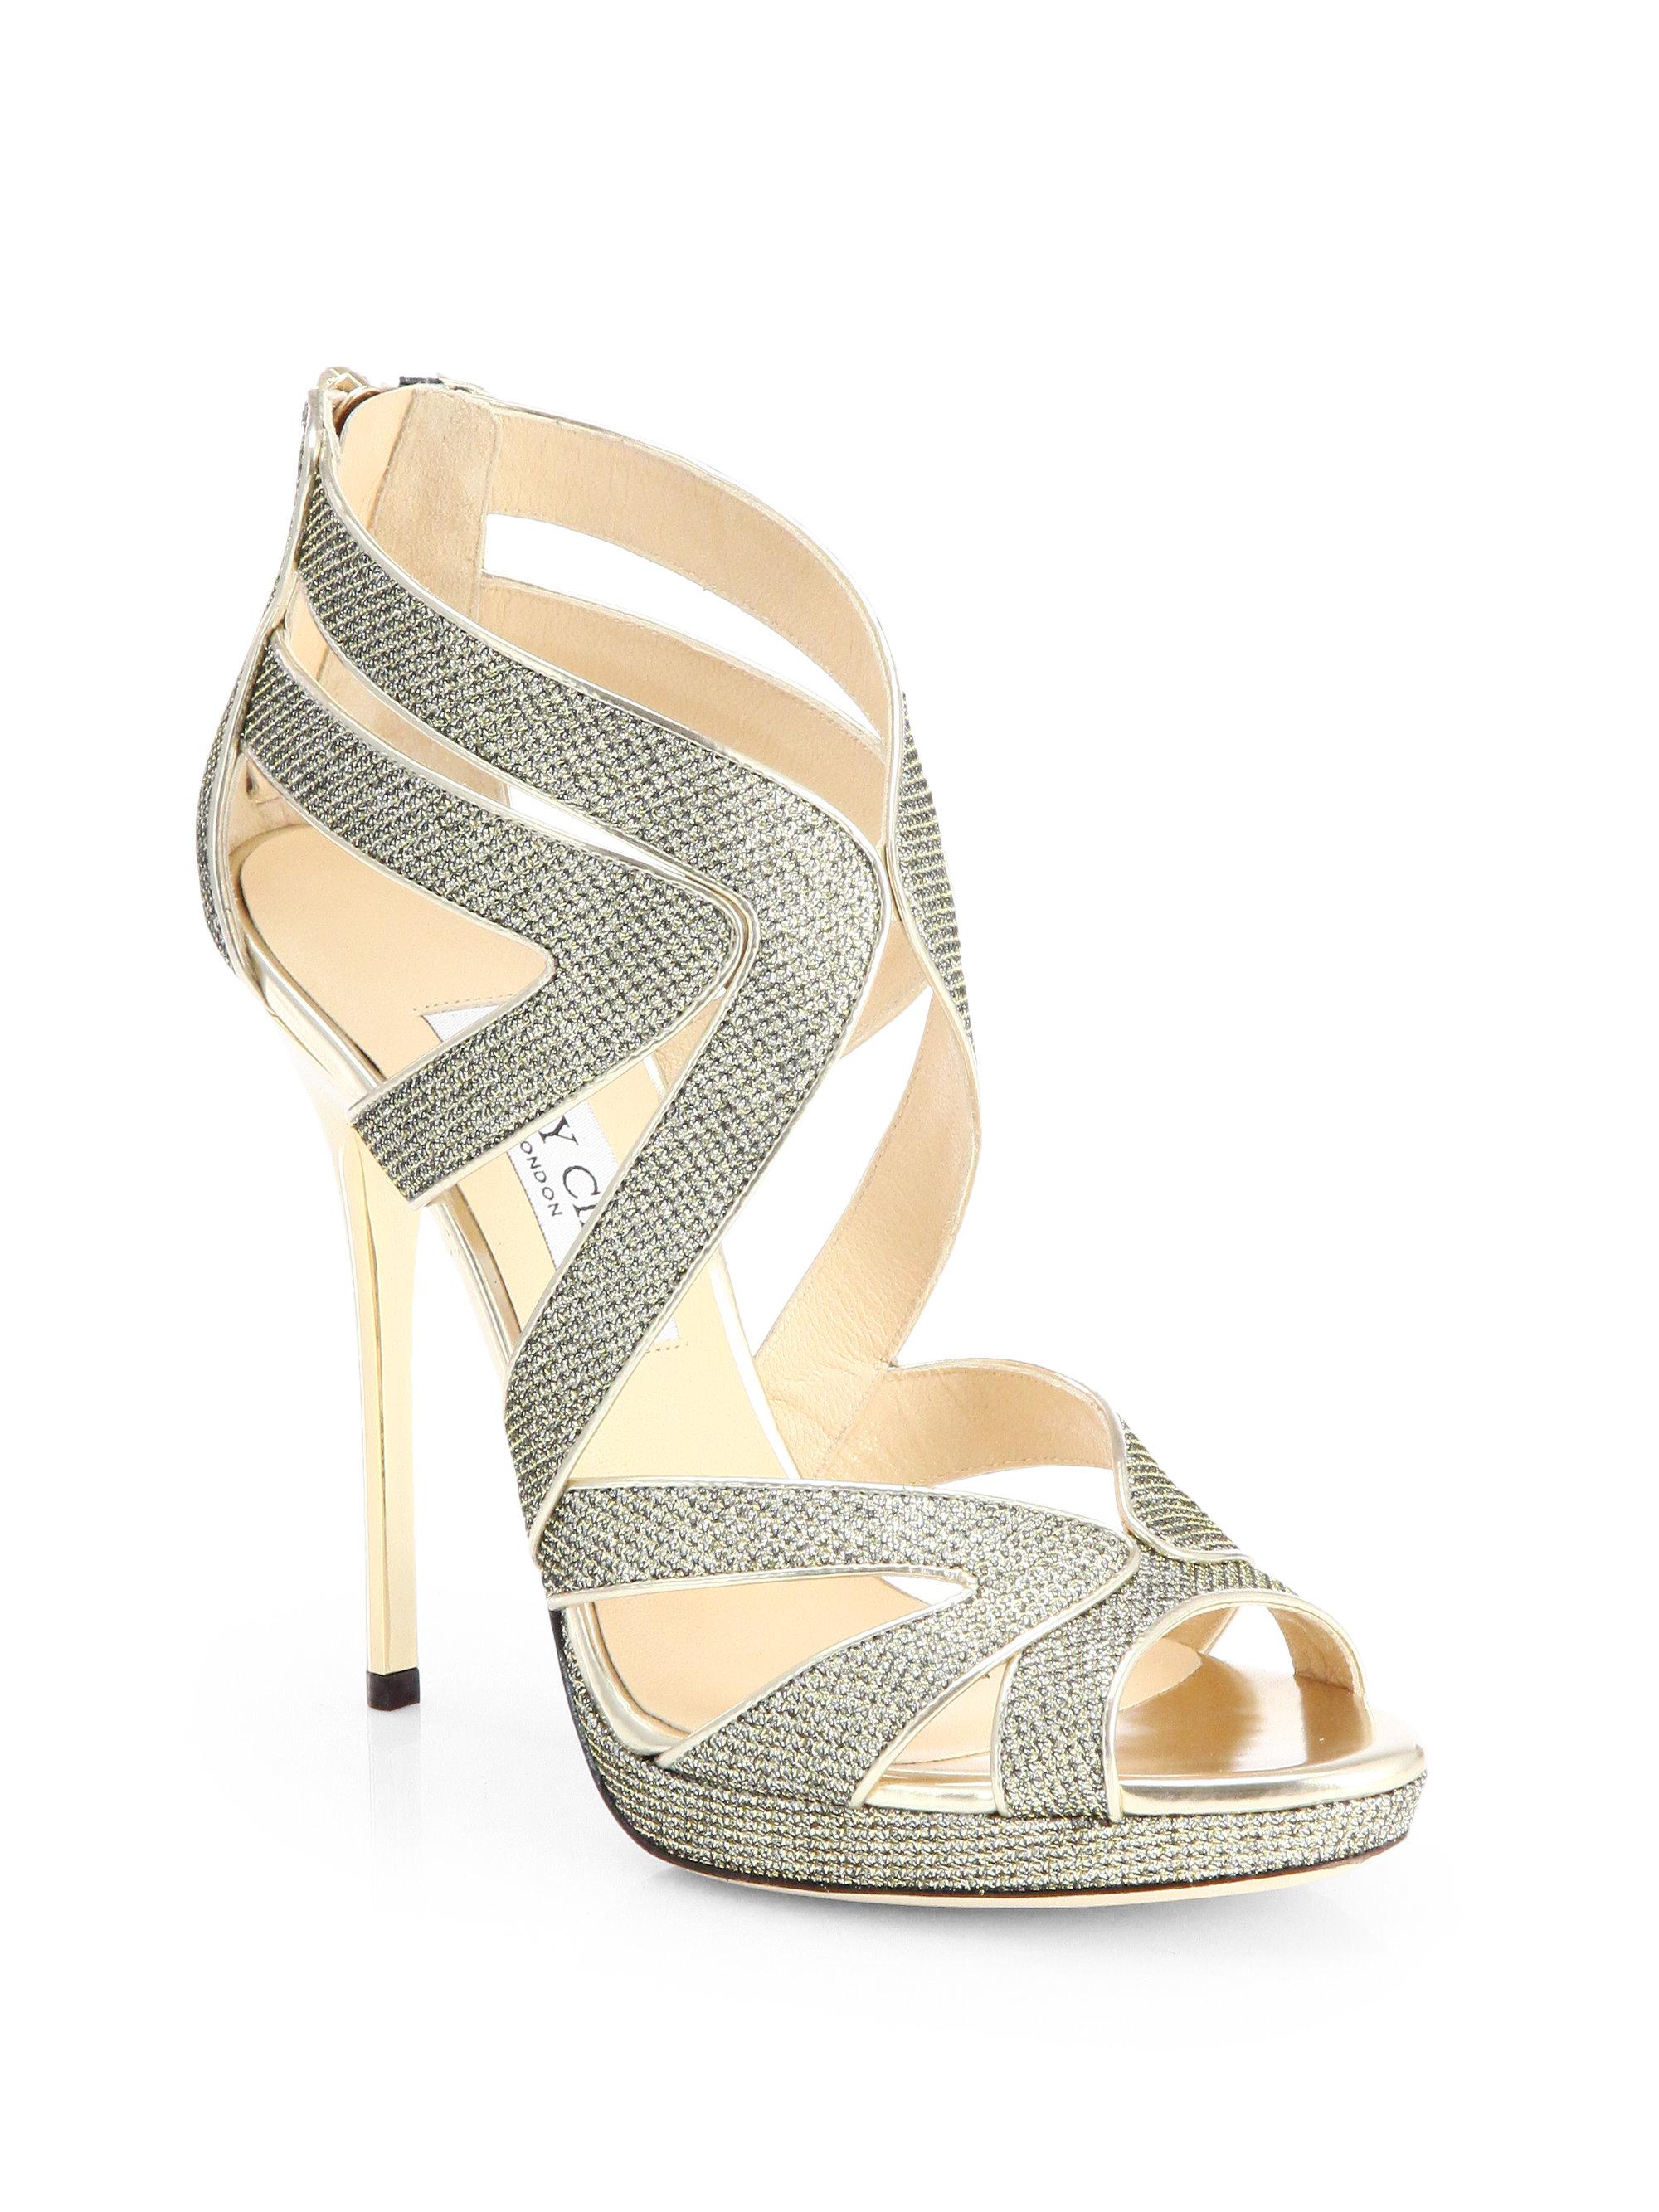 Lame Shoes Men